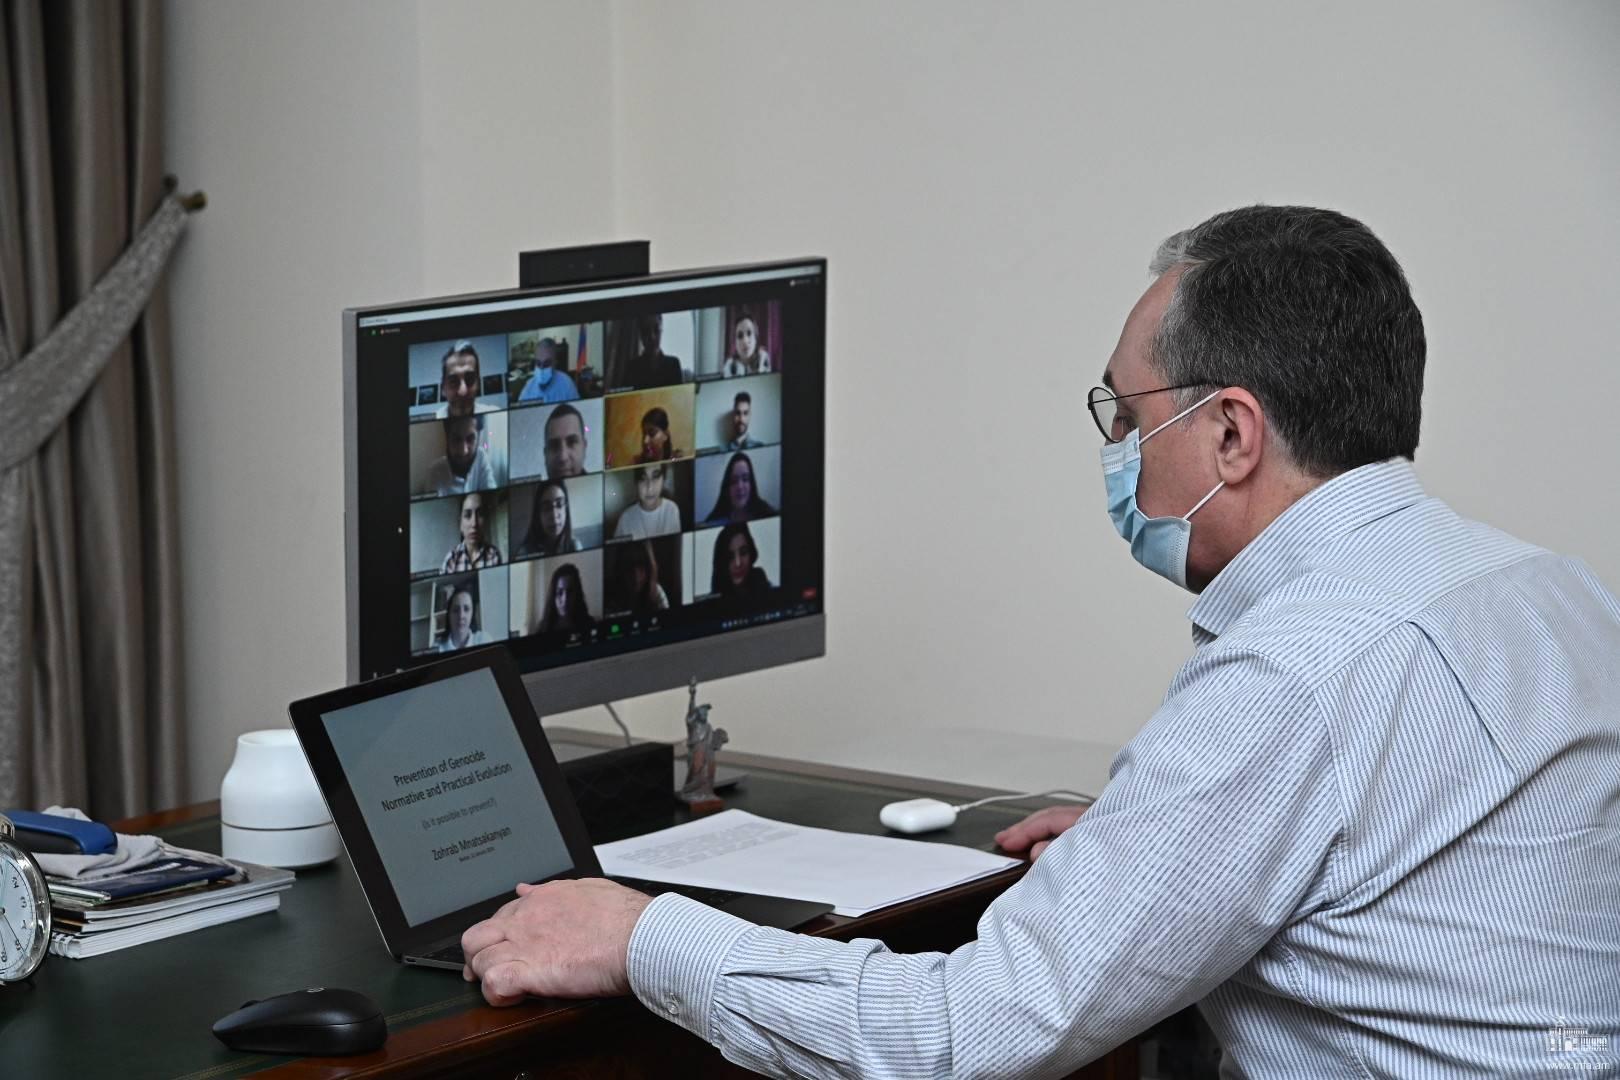 Photo of ԱԳ նախարարը ներկայացրել է ցեղասպանությունների կանխարգելման օրակարգի առաջմղման ուղղությամբ հայկական դիվանագիտության հետևողական քայլերը